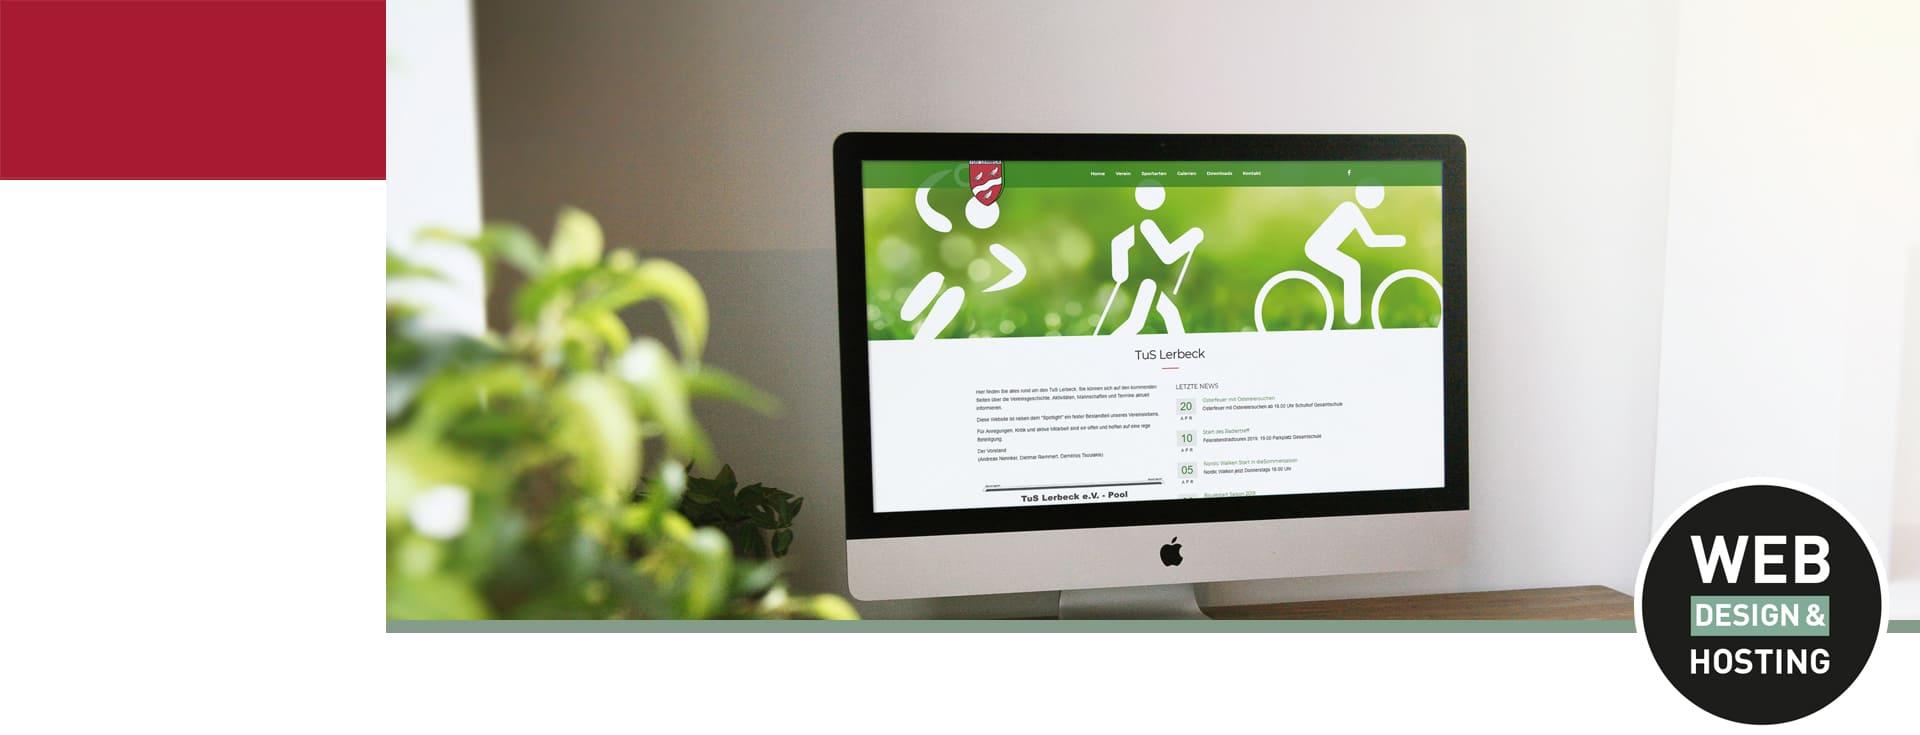 Website Optimierung für Desktop und Mobil überprüfen Homepage Minden